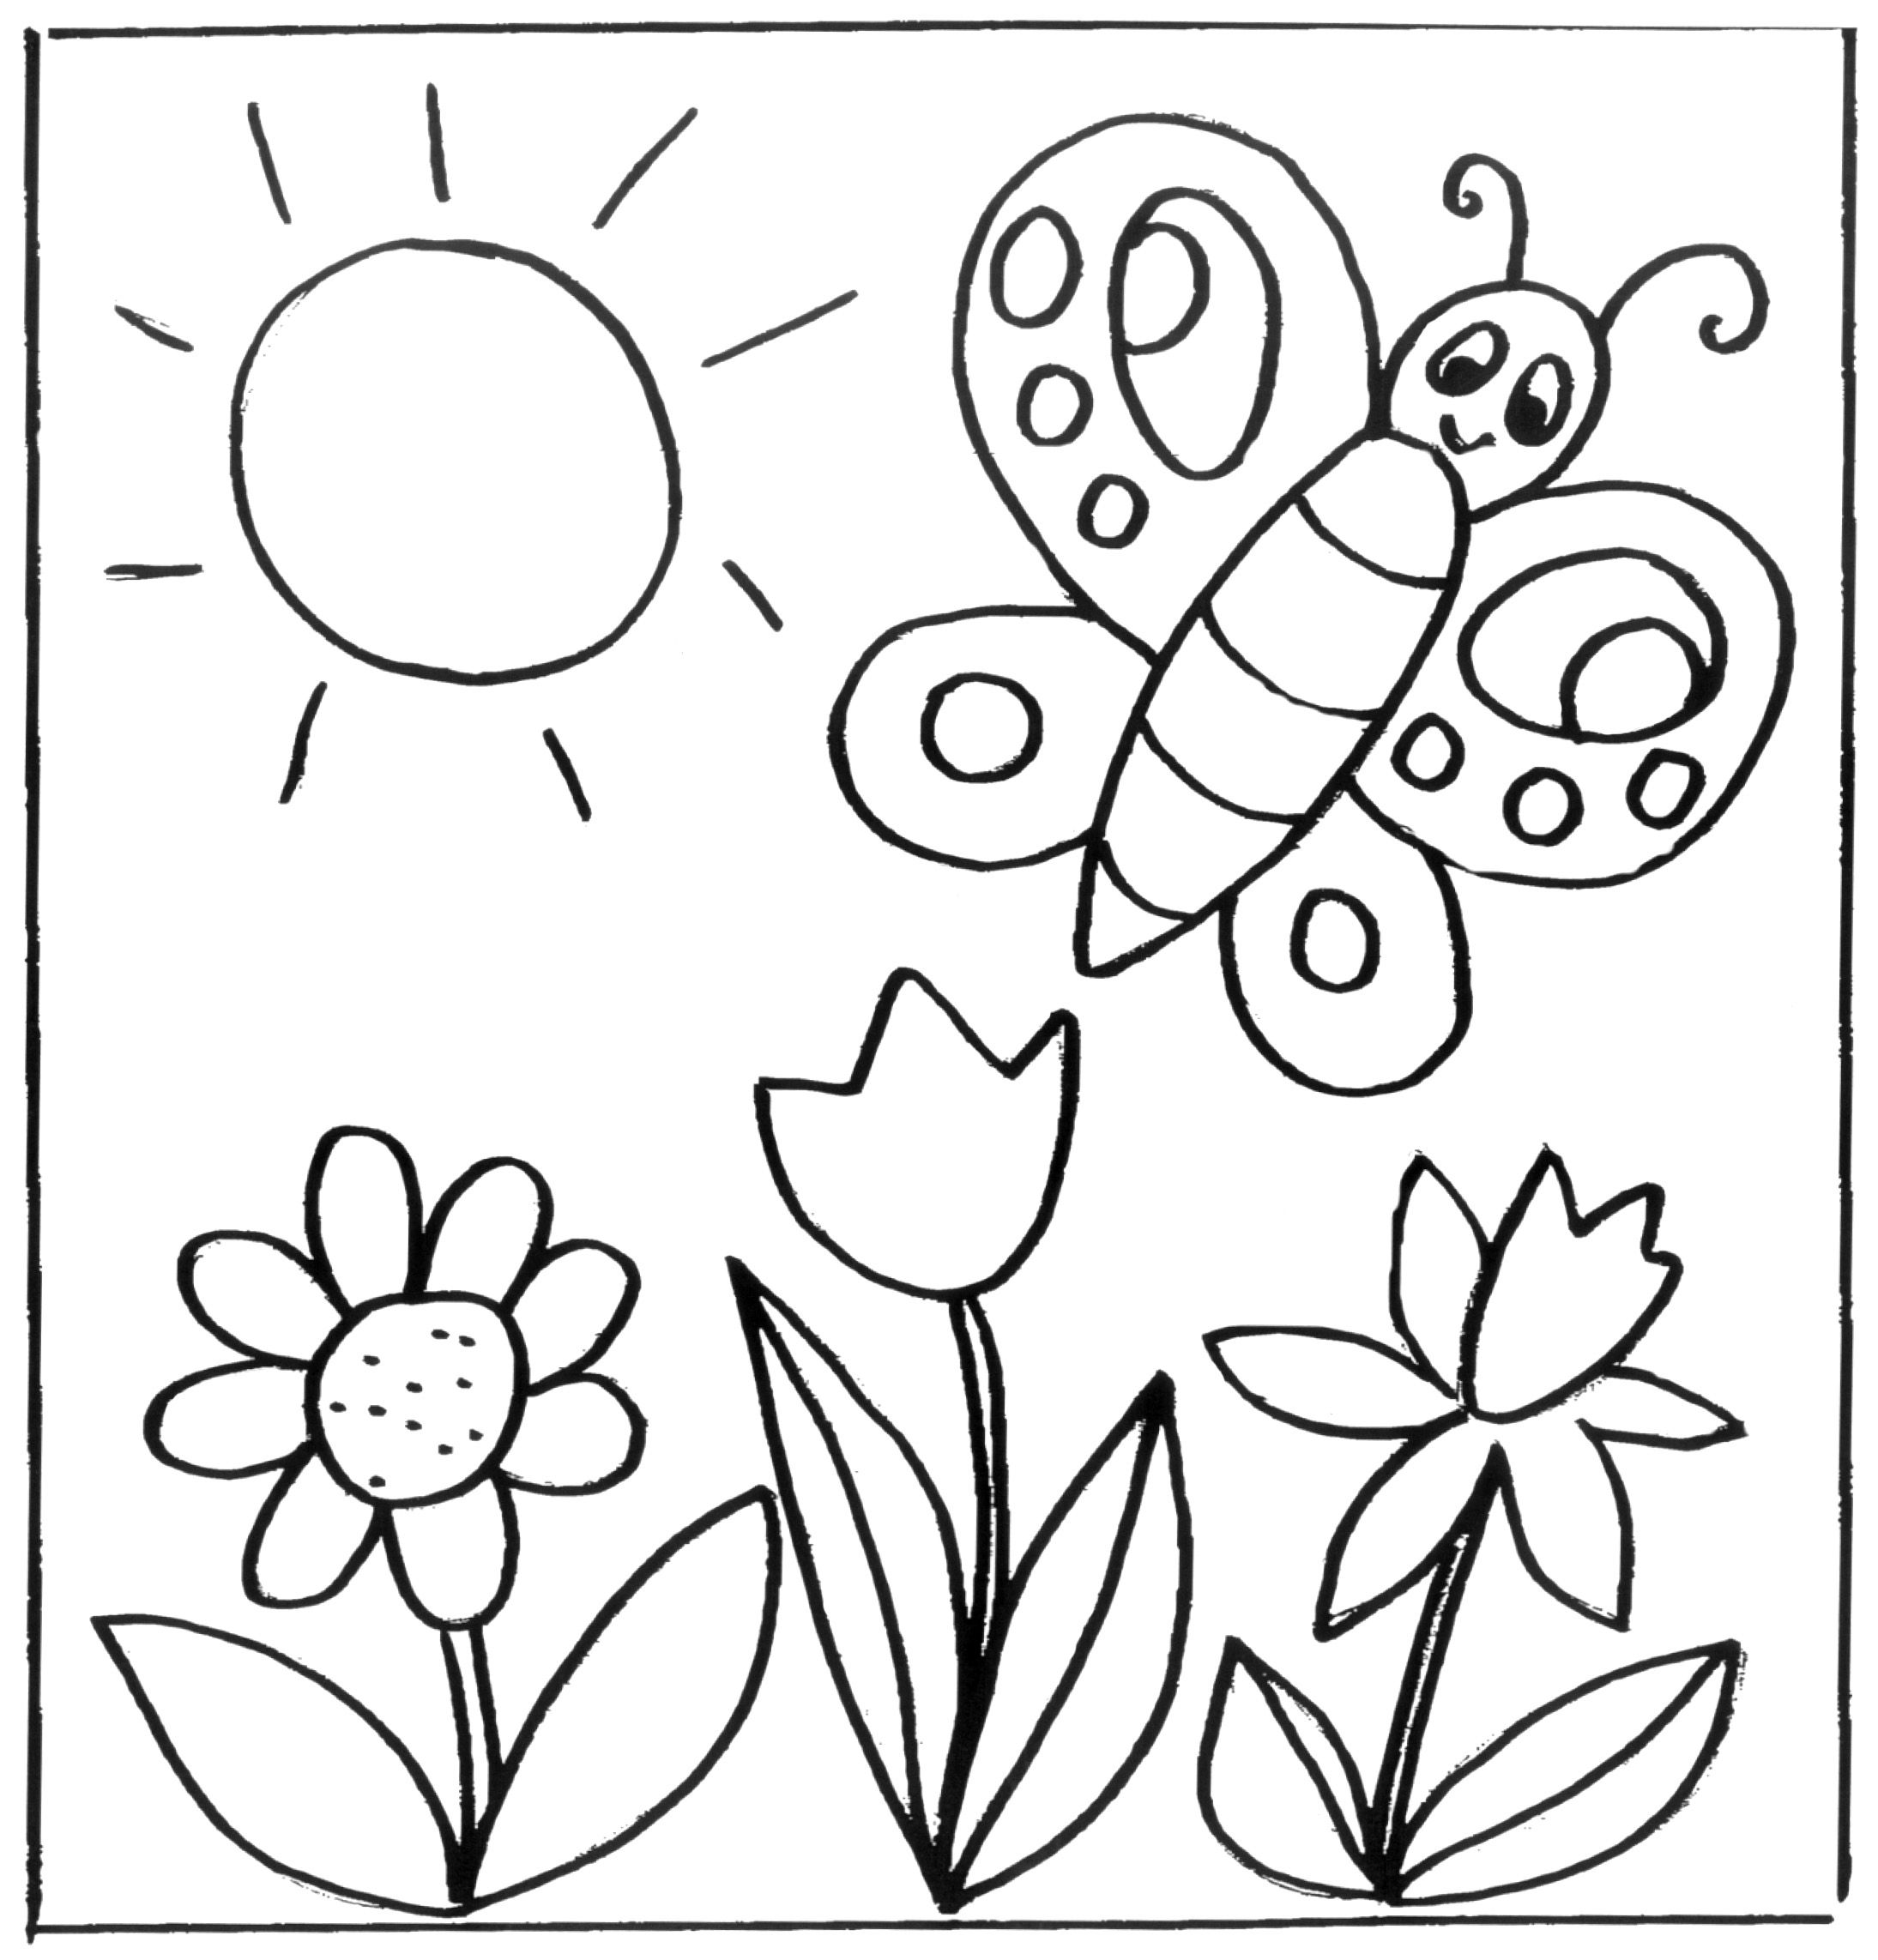 Kinder Ausmalbilder Blumen In 2020 Blumen Ausmalbilder Ausmalbilder Krippe Fruhling